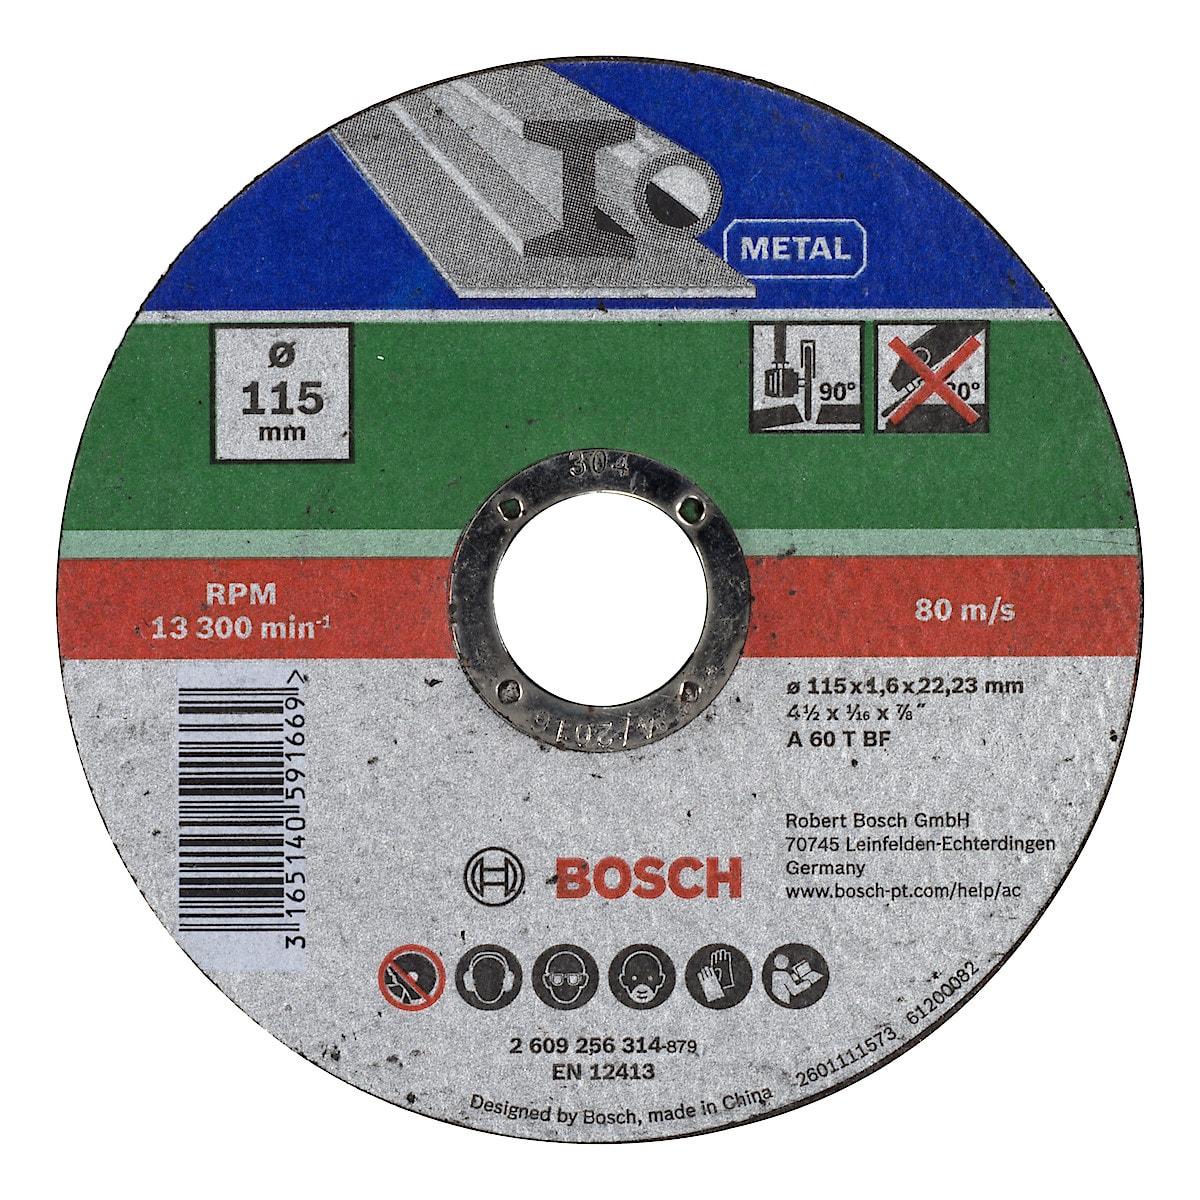 Kapskiva för metall 115 mm Bosch